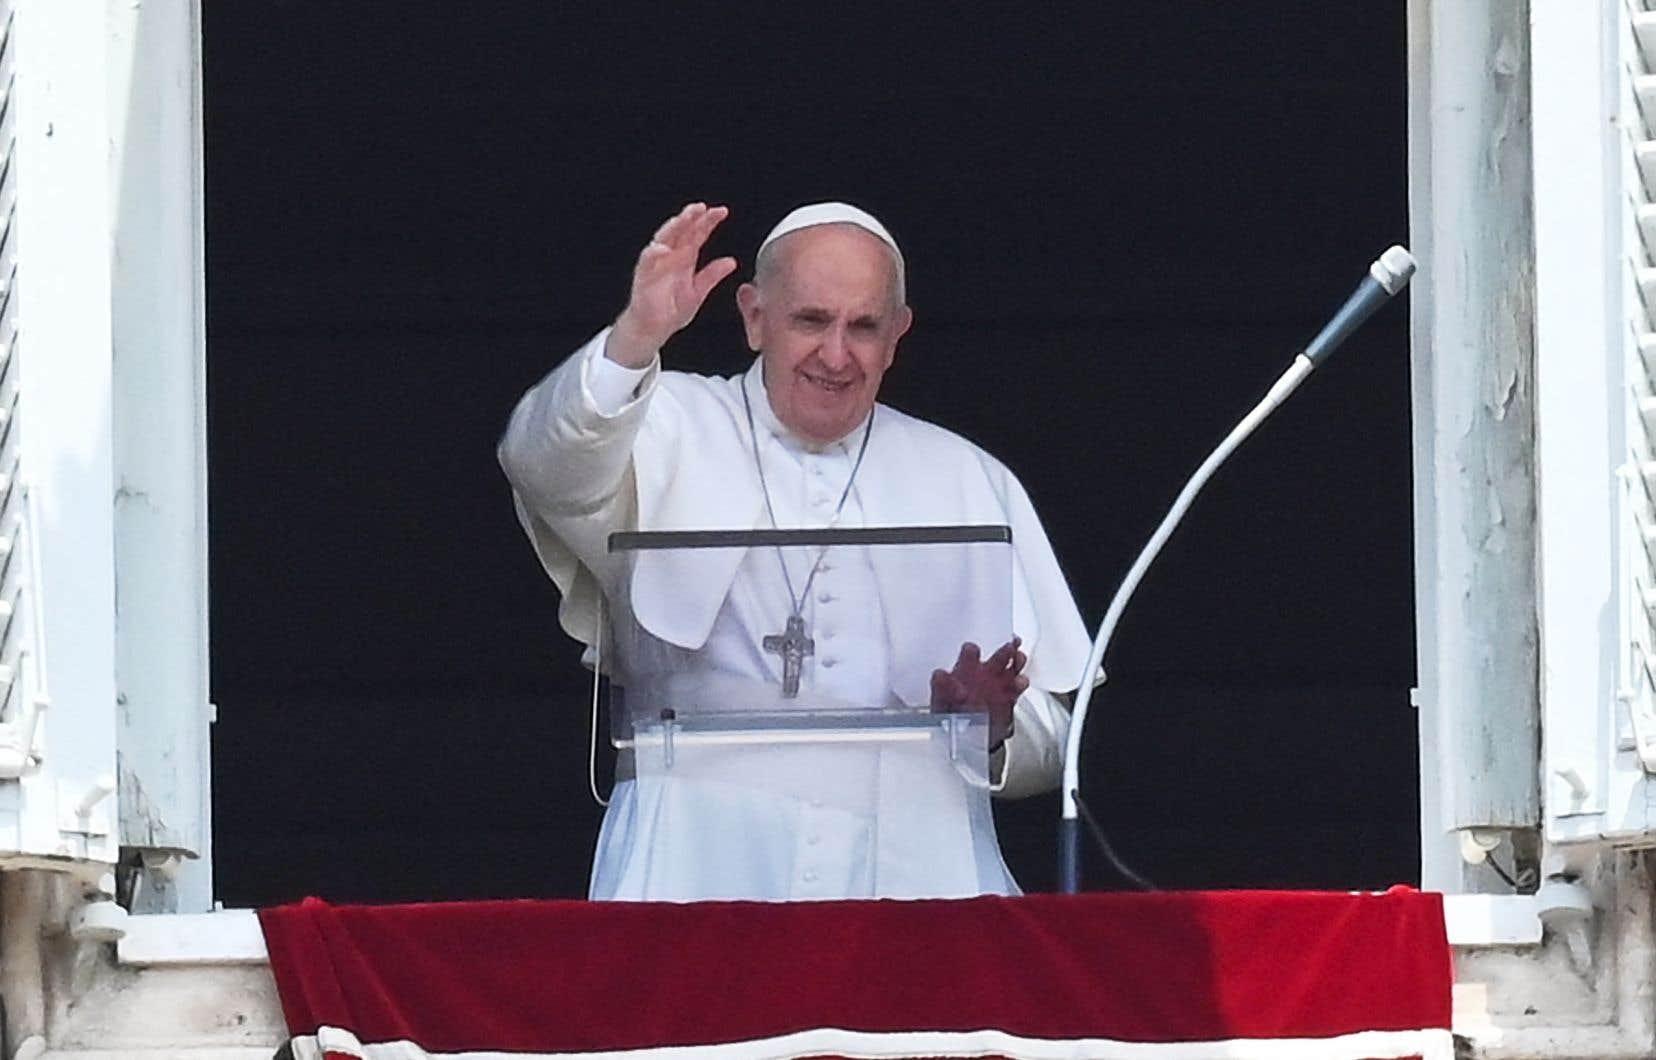 Dimanche midi, le pape François a célébré la traditionnelle prière dominicale Regina Coeli à la fenêtre de la résidence Sainte-Marthe pour les fidèles rassemblés sous un soleil de plomb sur la place Saint-Pierre.